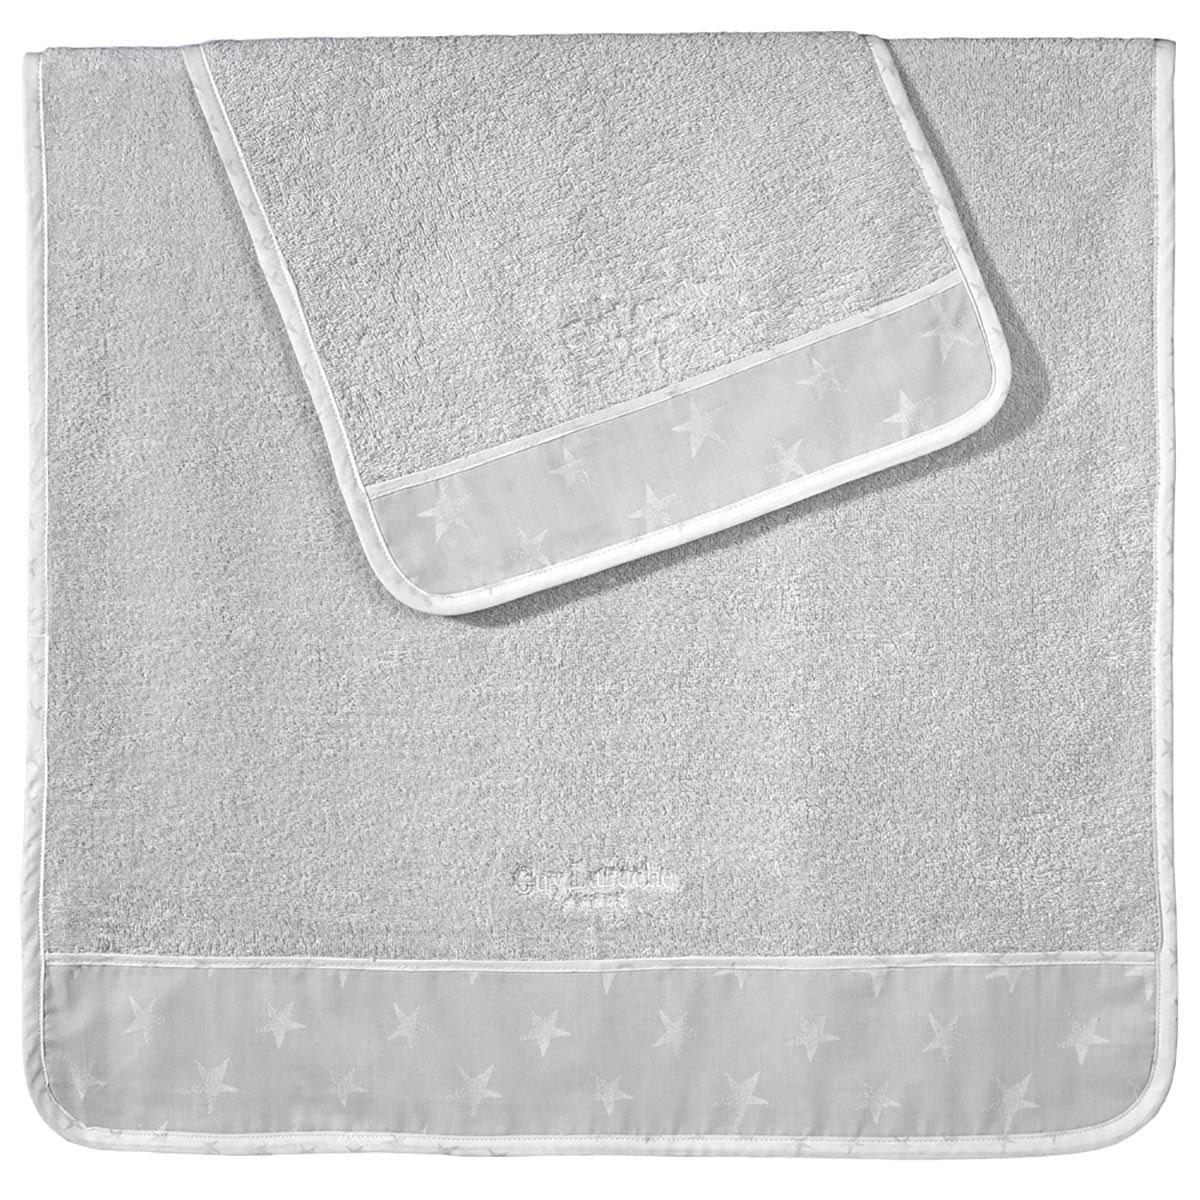 Βρεφικές Πετσέτες (Σετ 2τμχ) Guy Laroche Heaven Silver